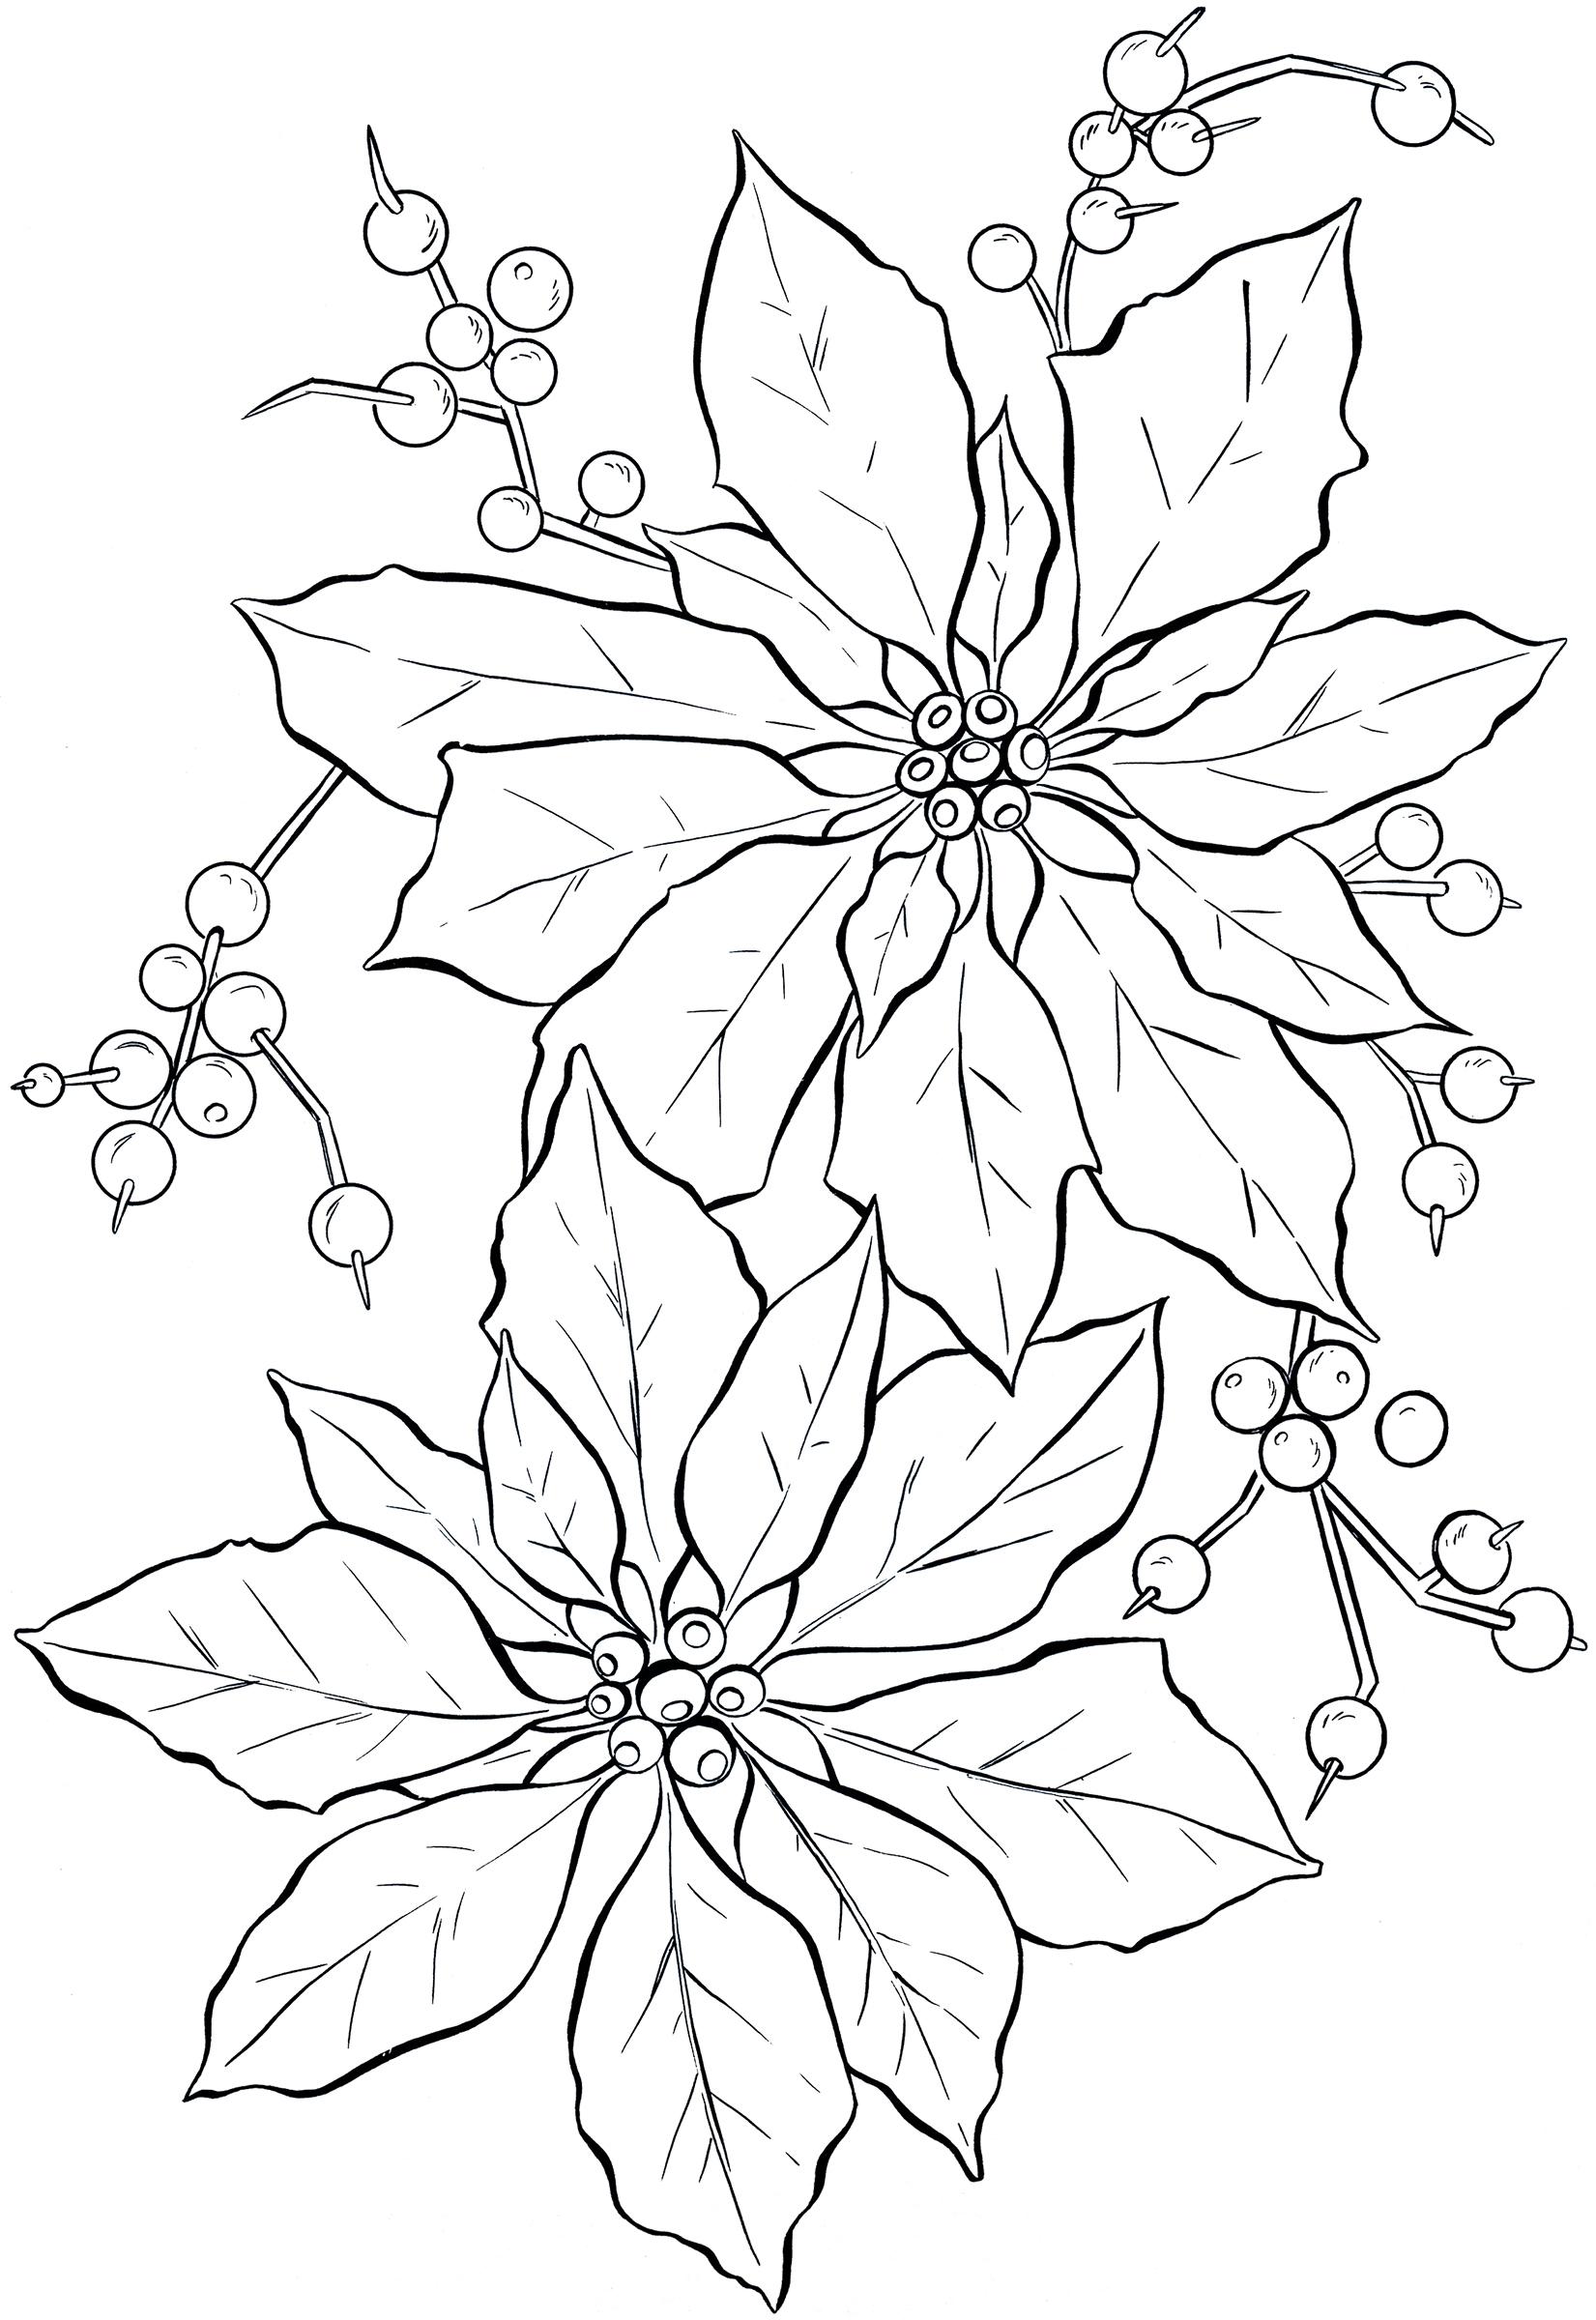 Greenery Drawing